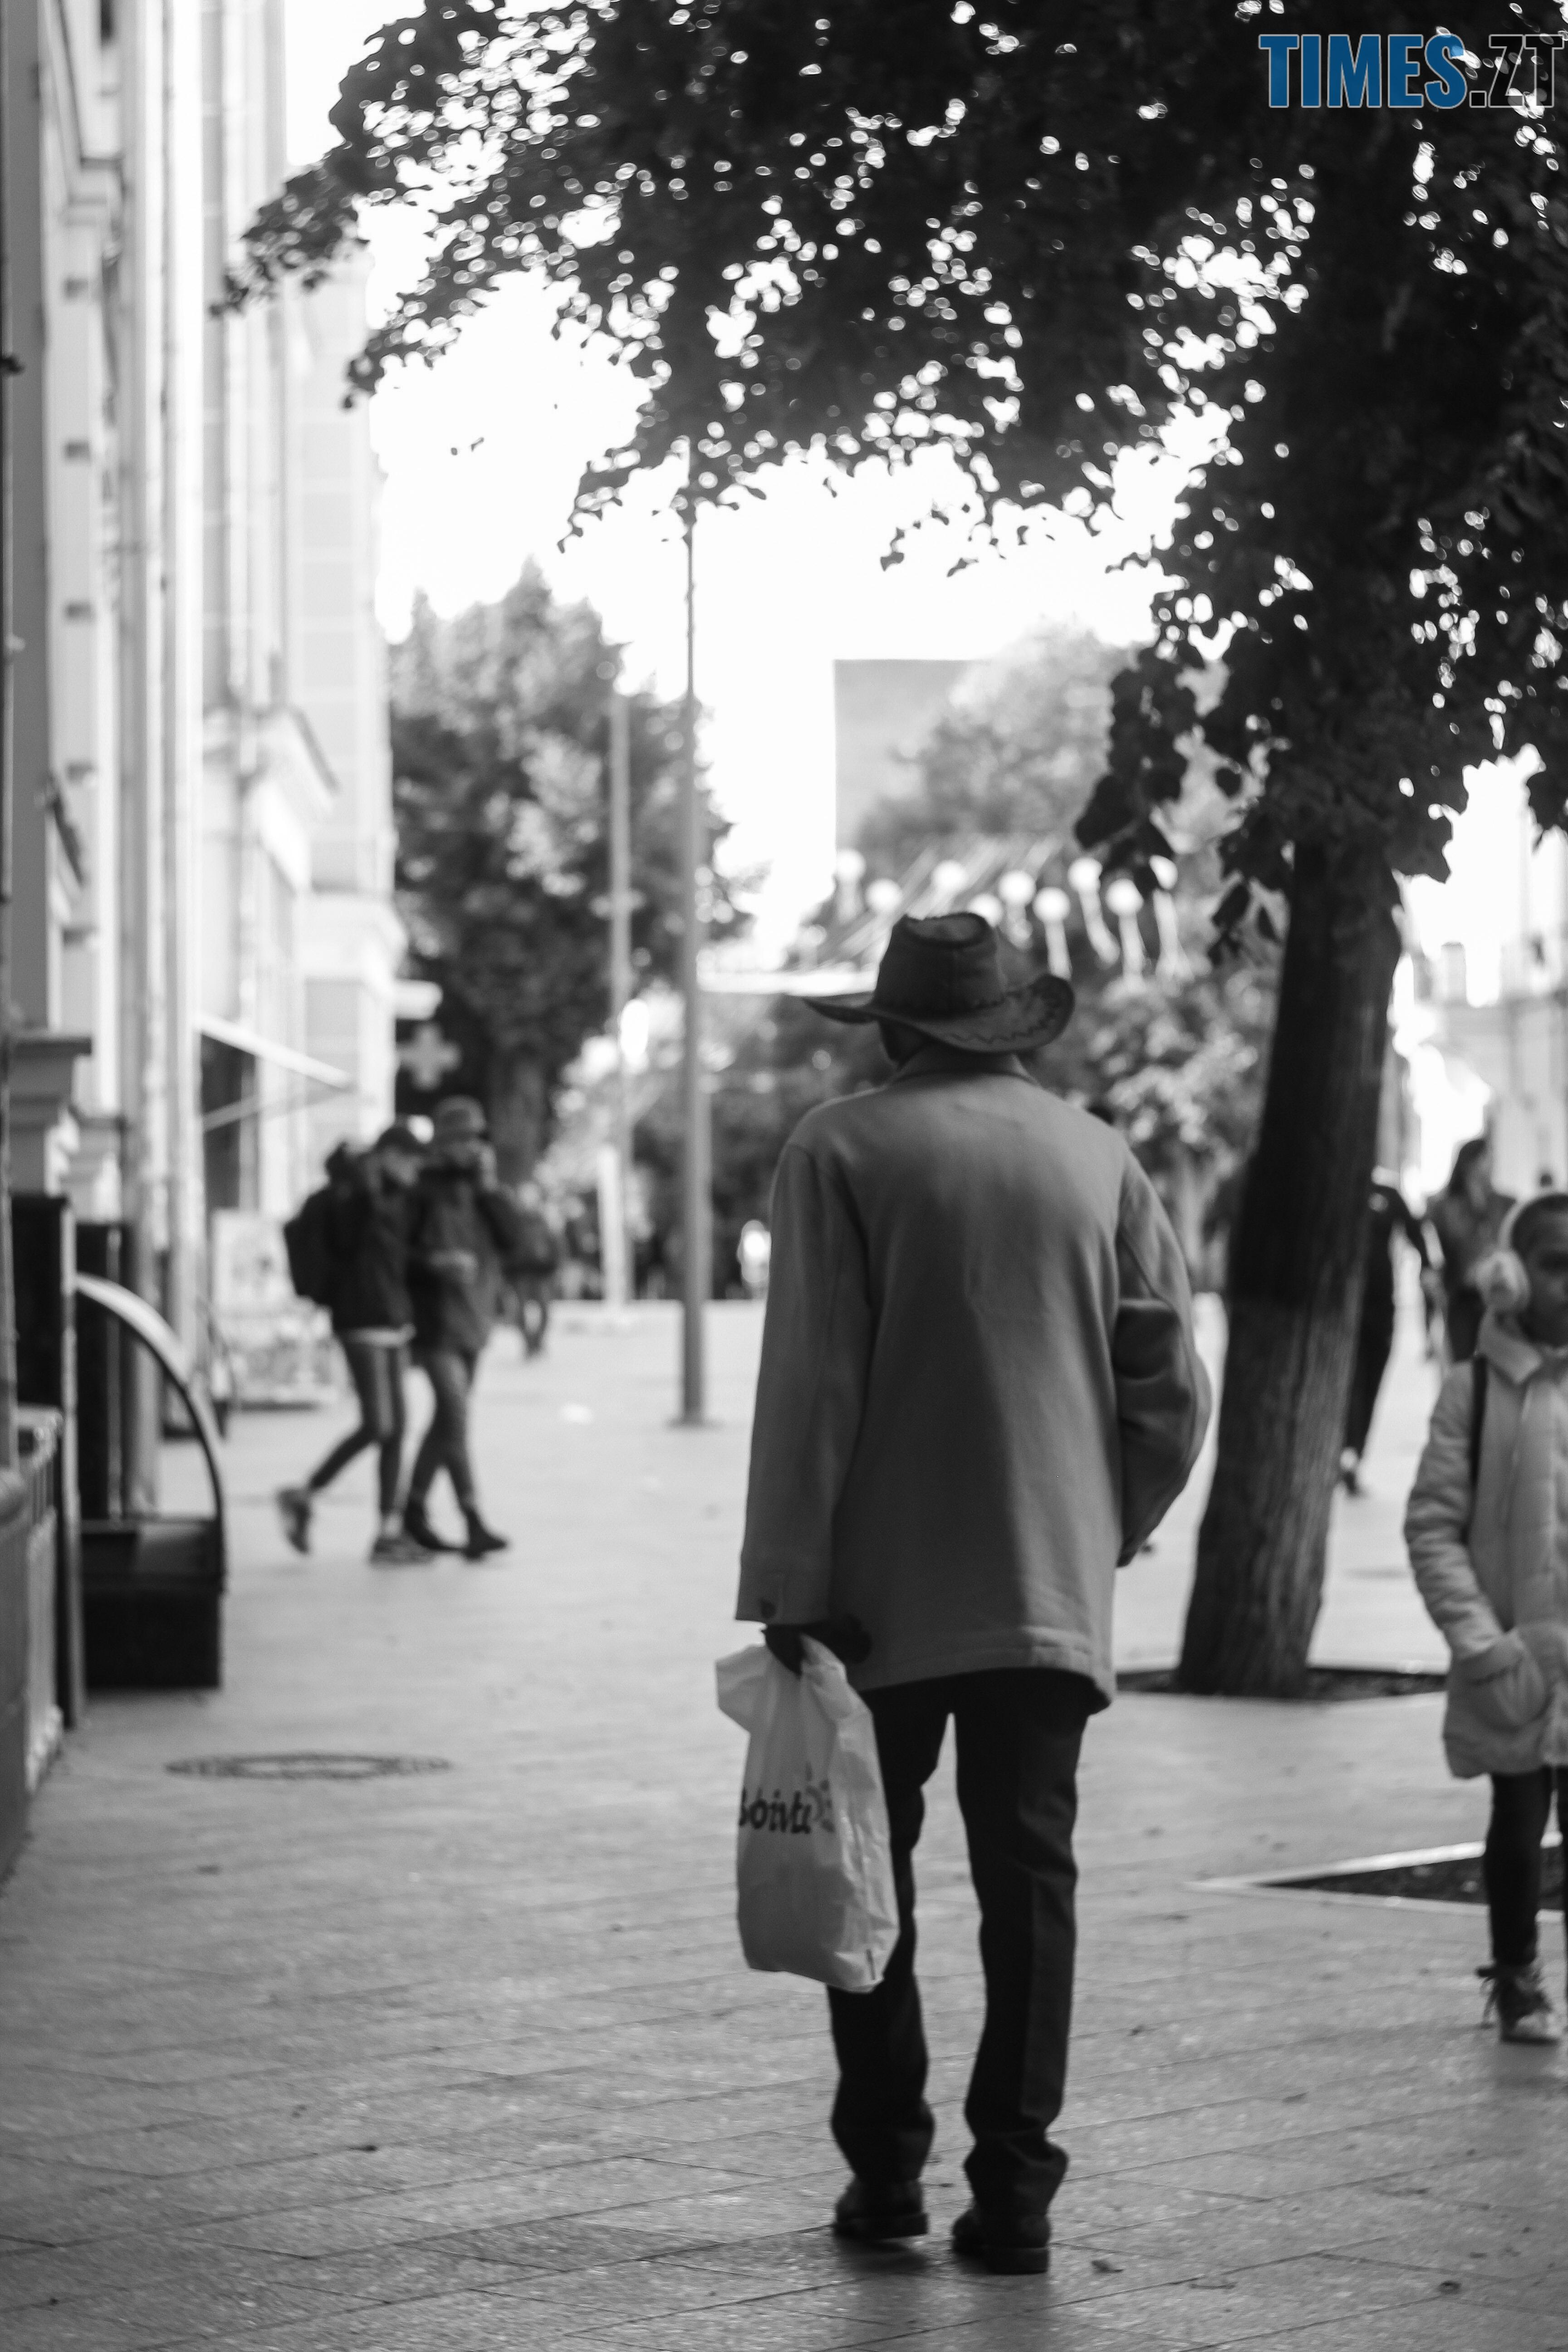 IMG 0987 - Старість чи її відчуття: звичайні будні житомирян поважного віку (ФОТОРЕПОРТАЖ)